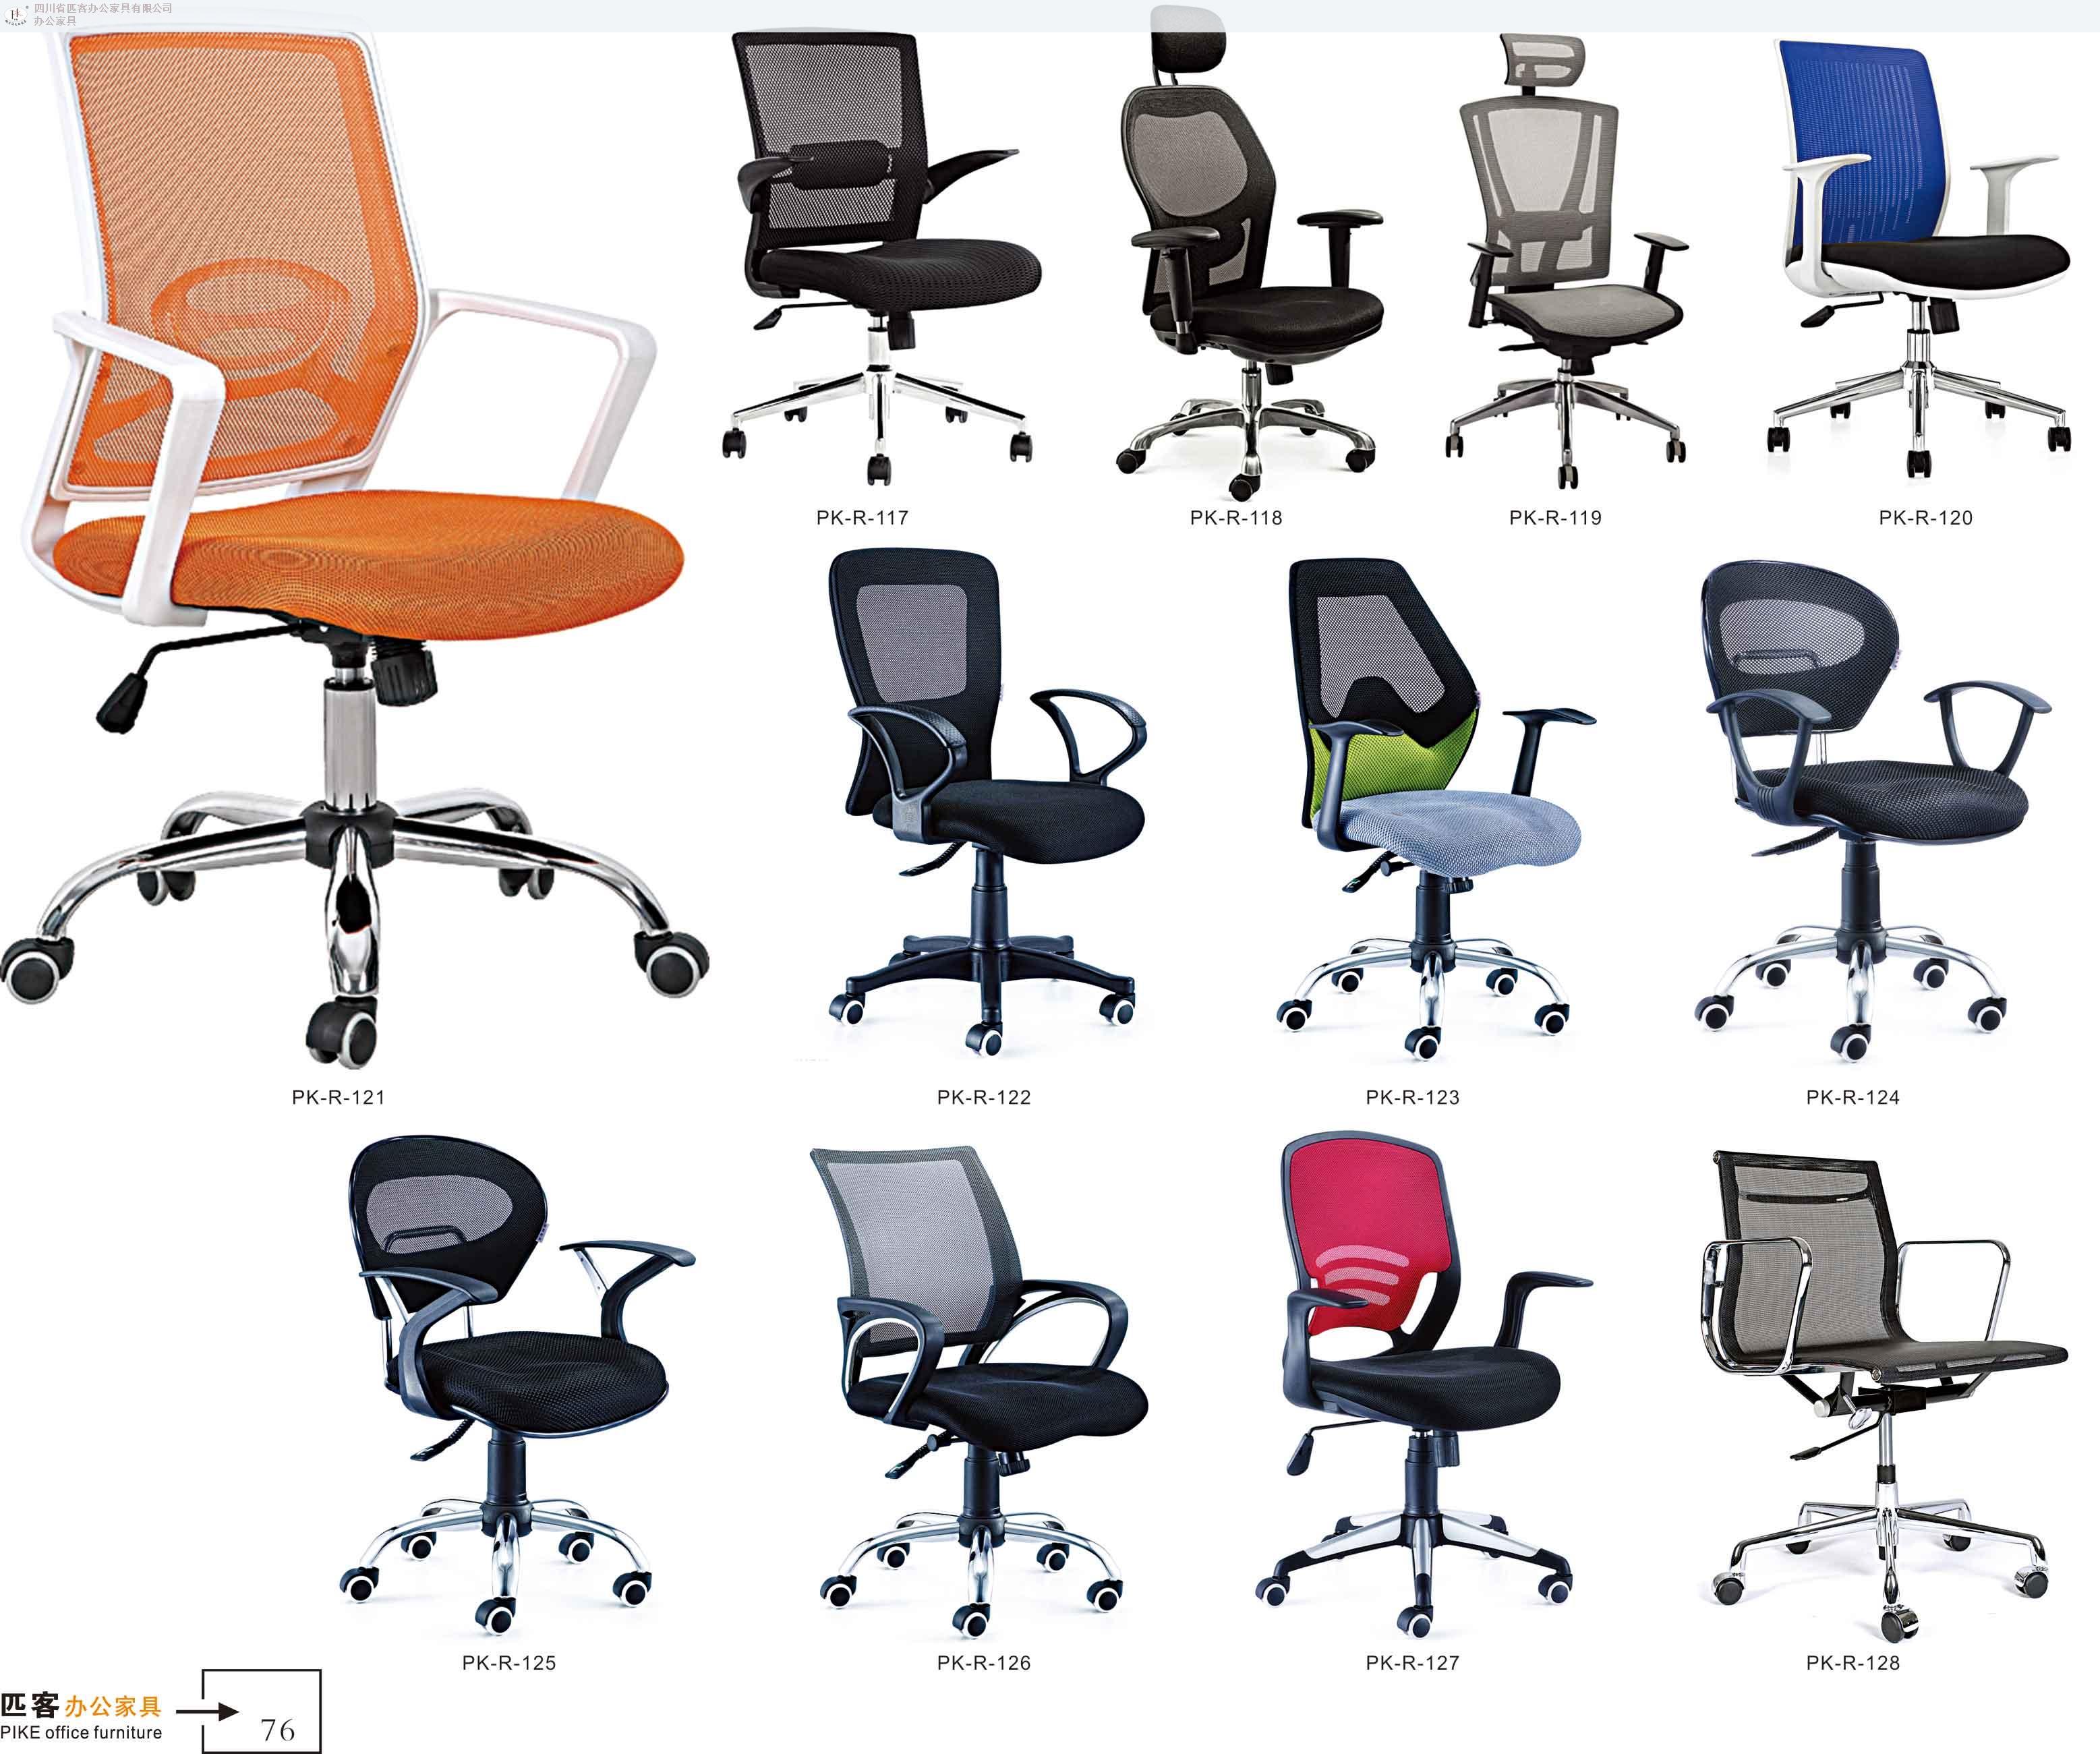 甘孜网布办公椅休闲 客户至上「四川省匹客办公家具供应」